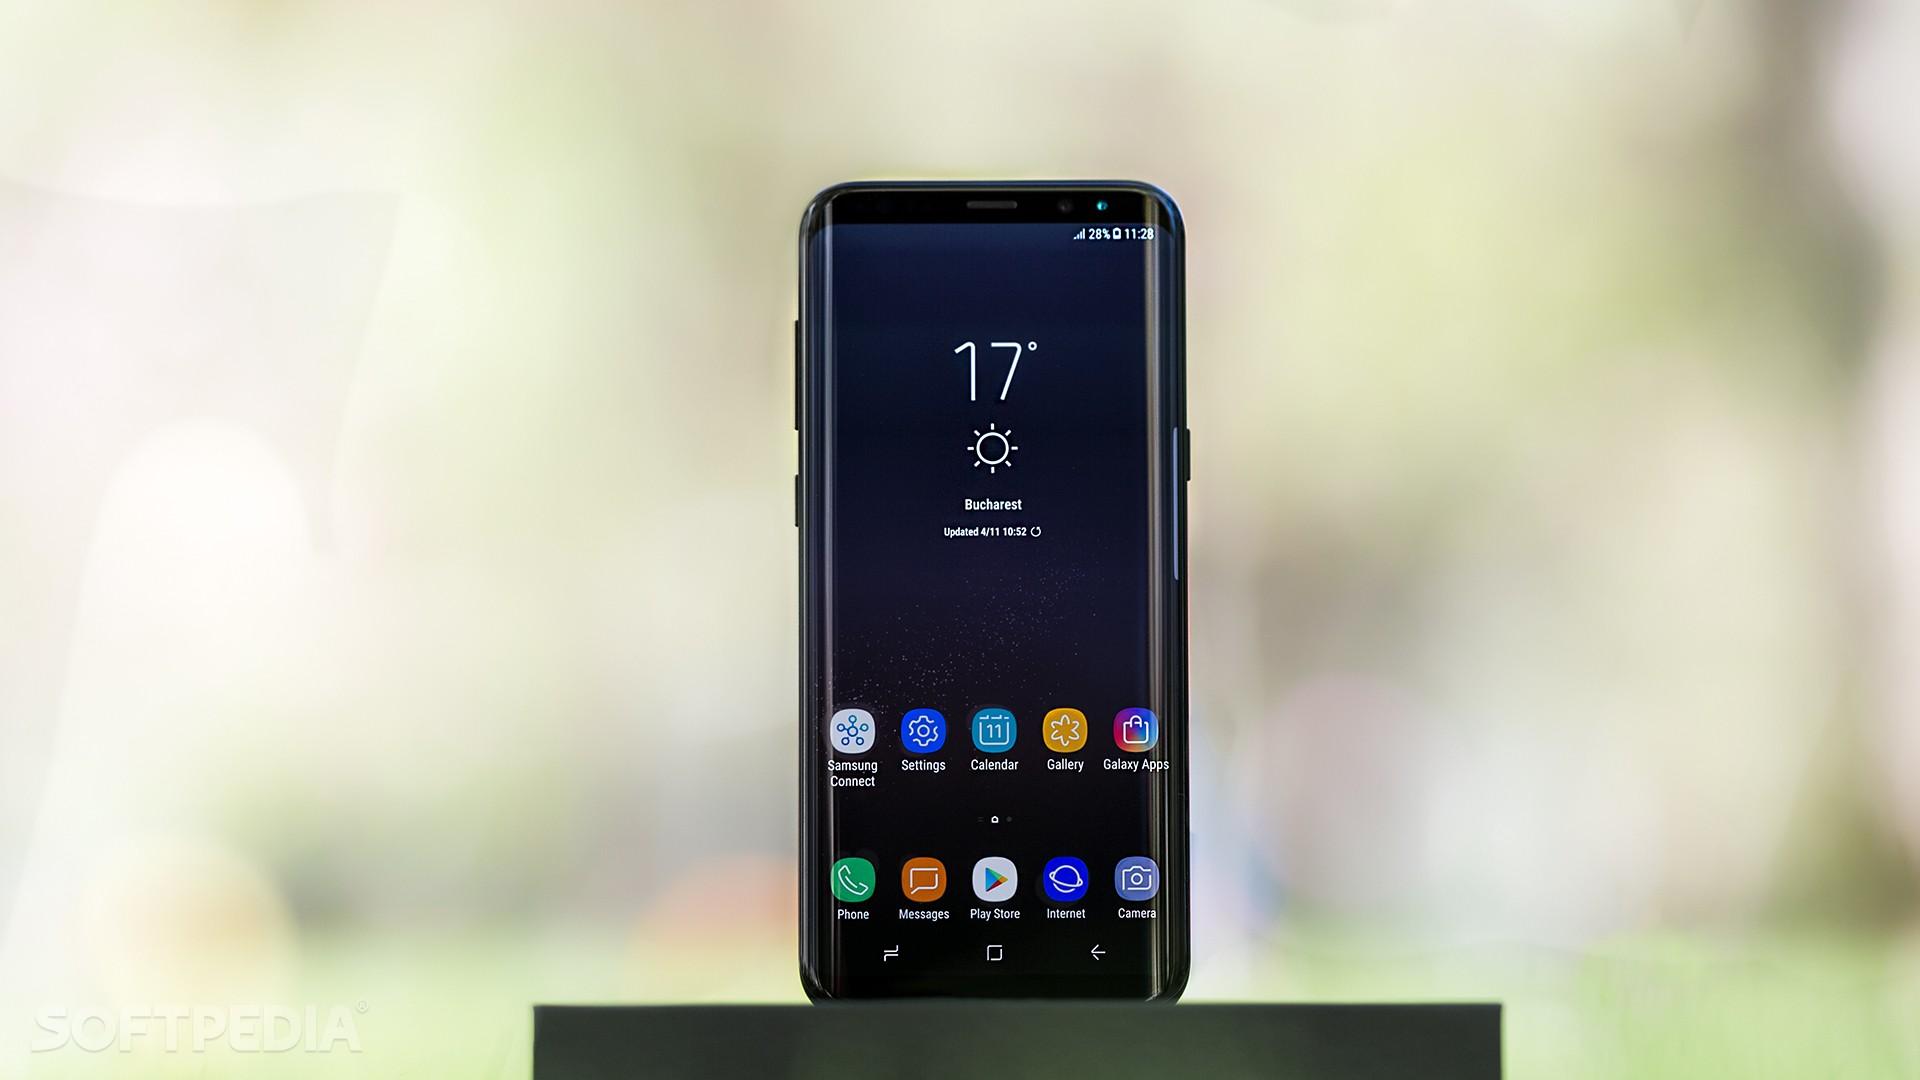 Samsung galaxy s9 con android 8 1 oreo aggiornamento for Sfondi cellulare samsung galaxy